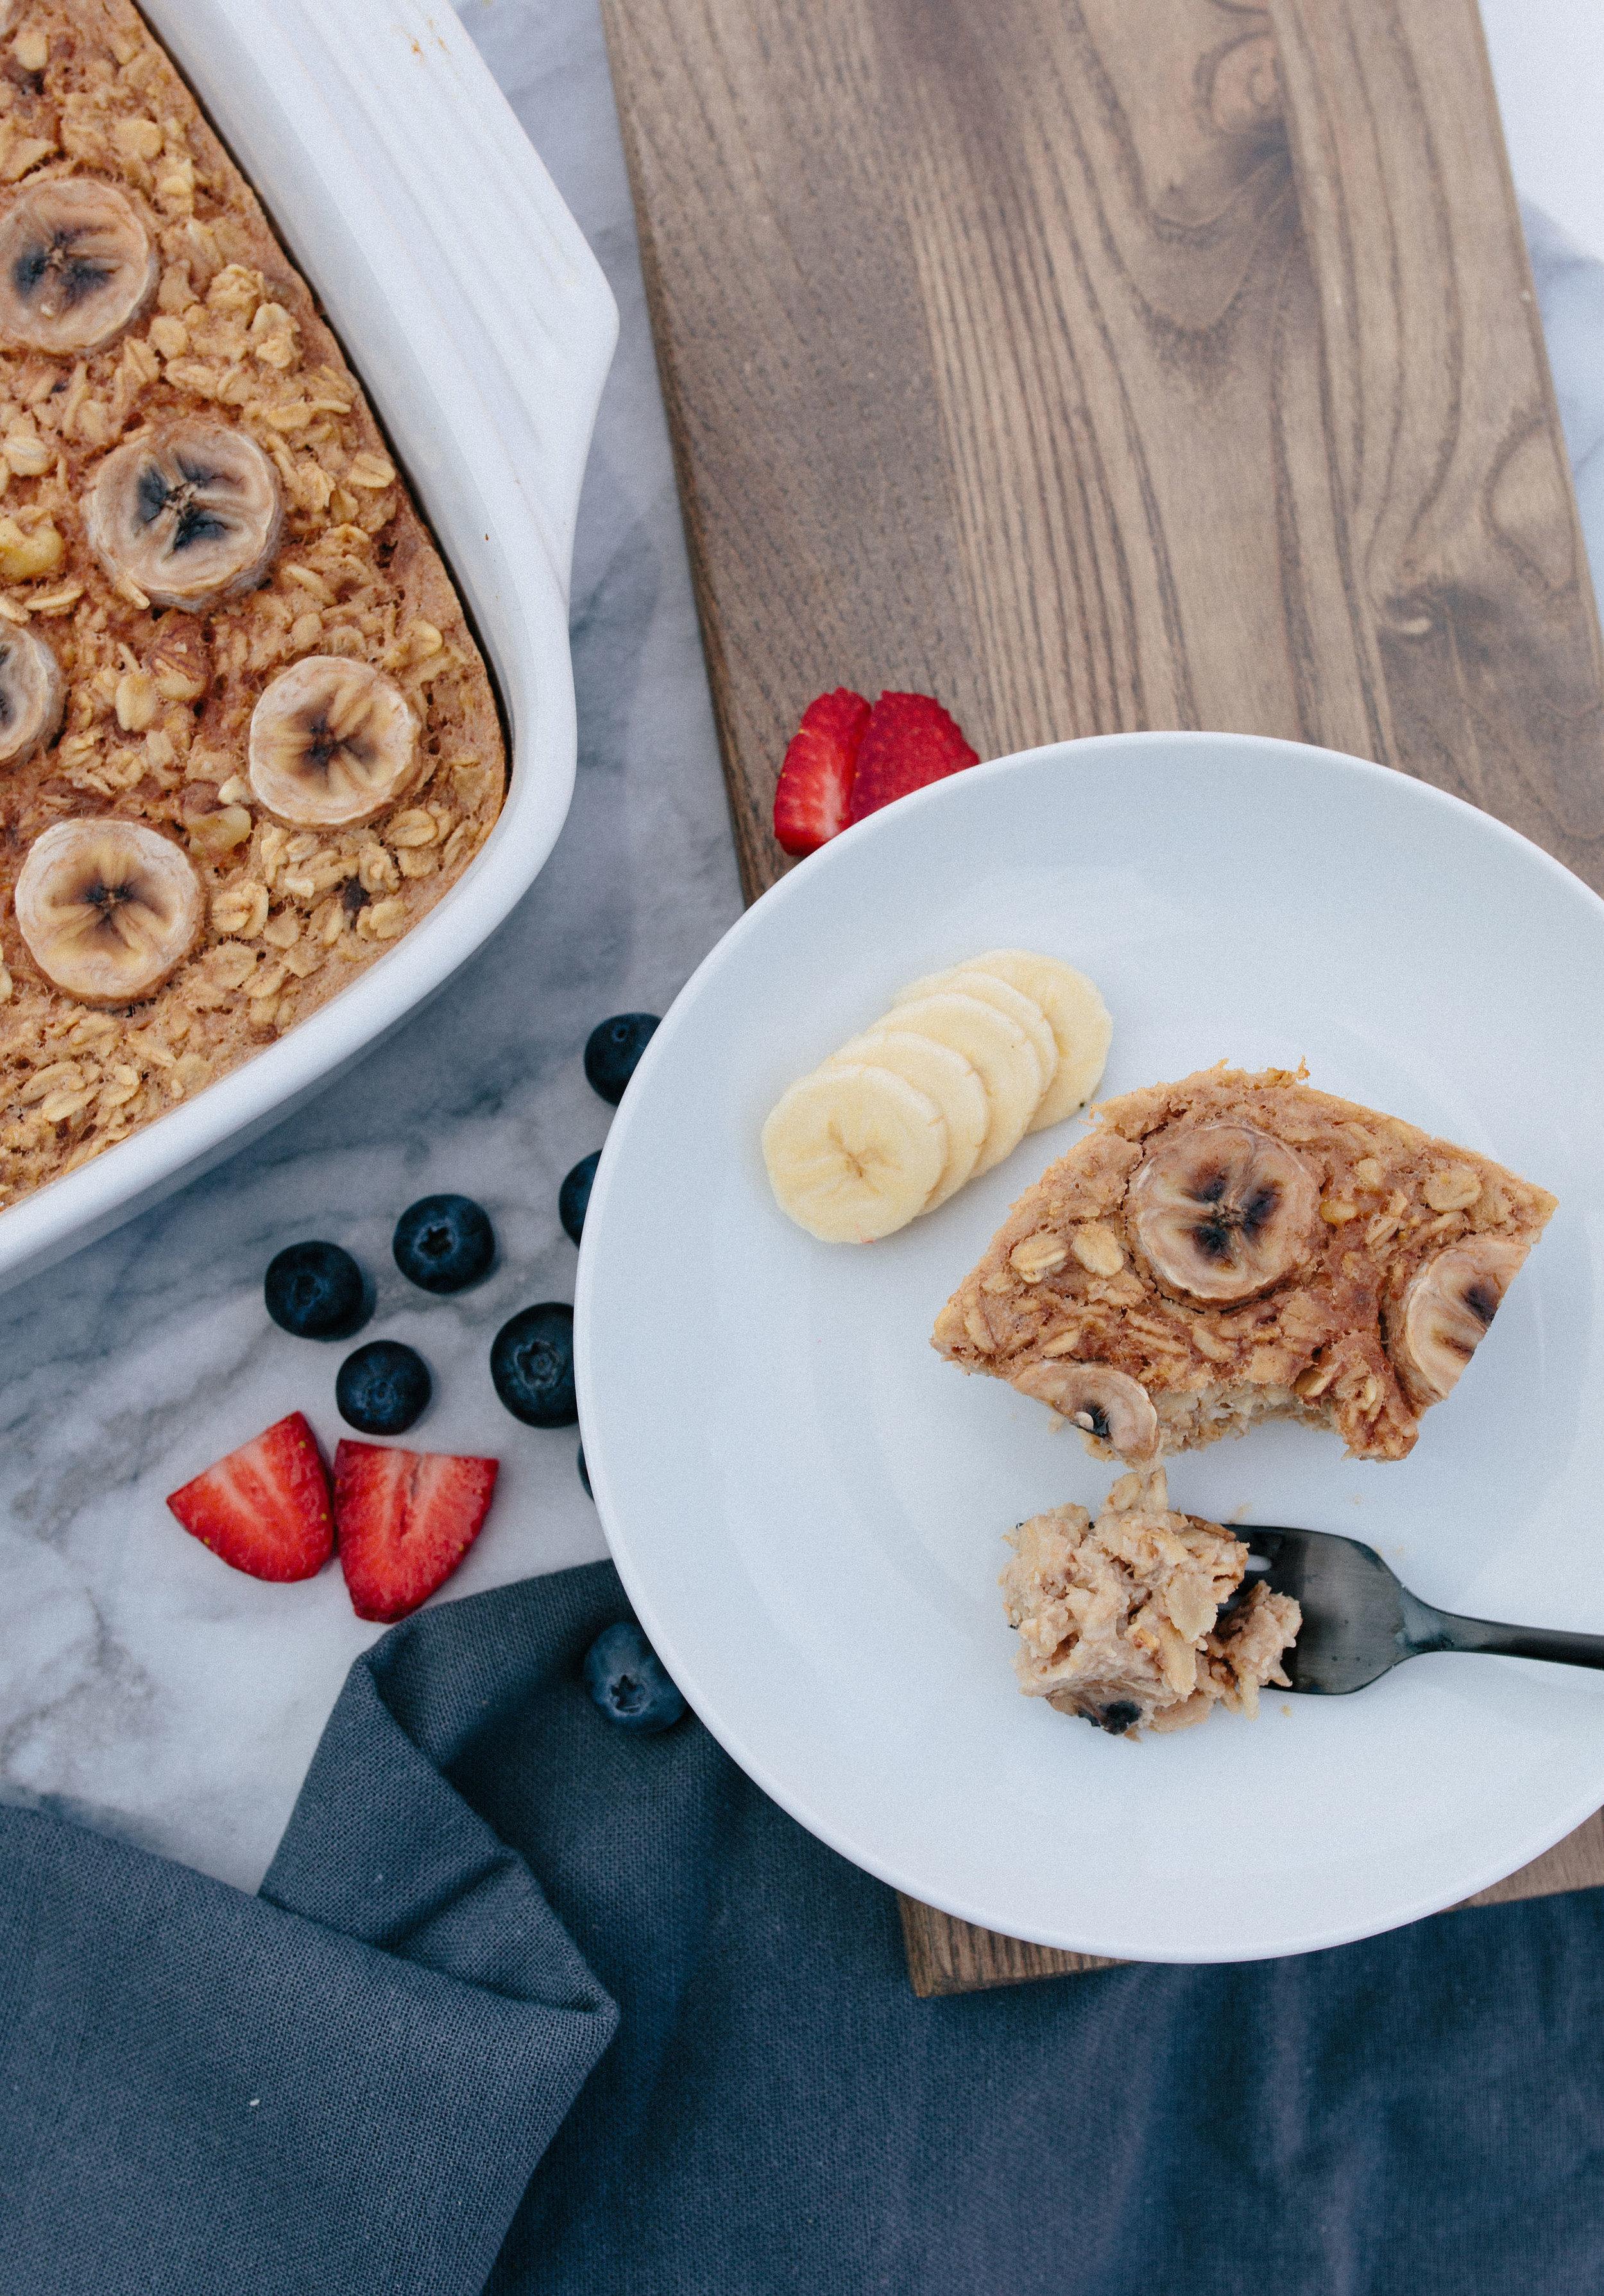 早餐- - -